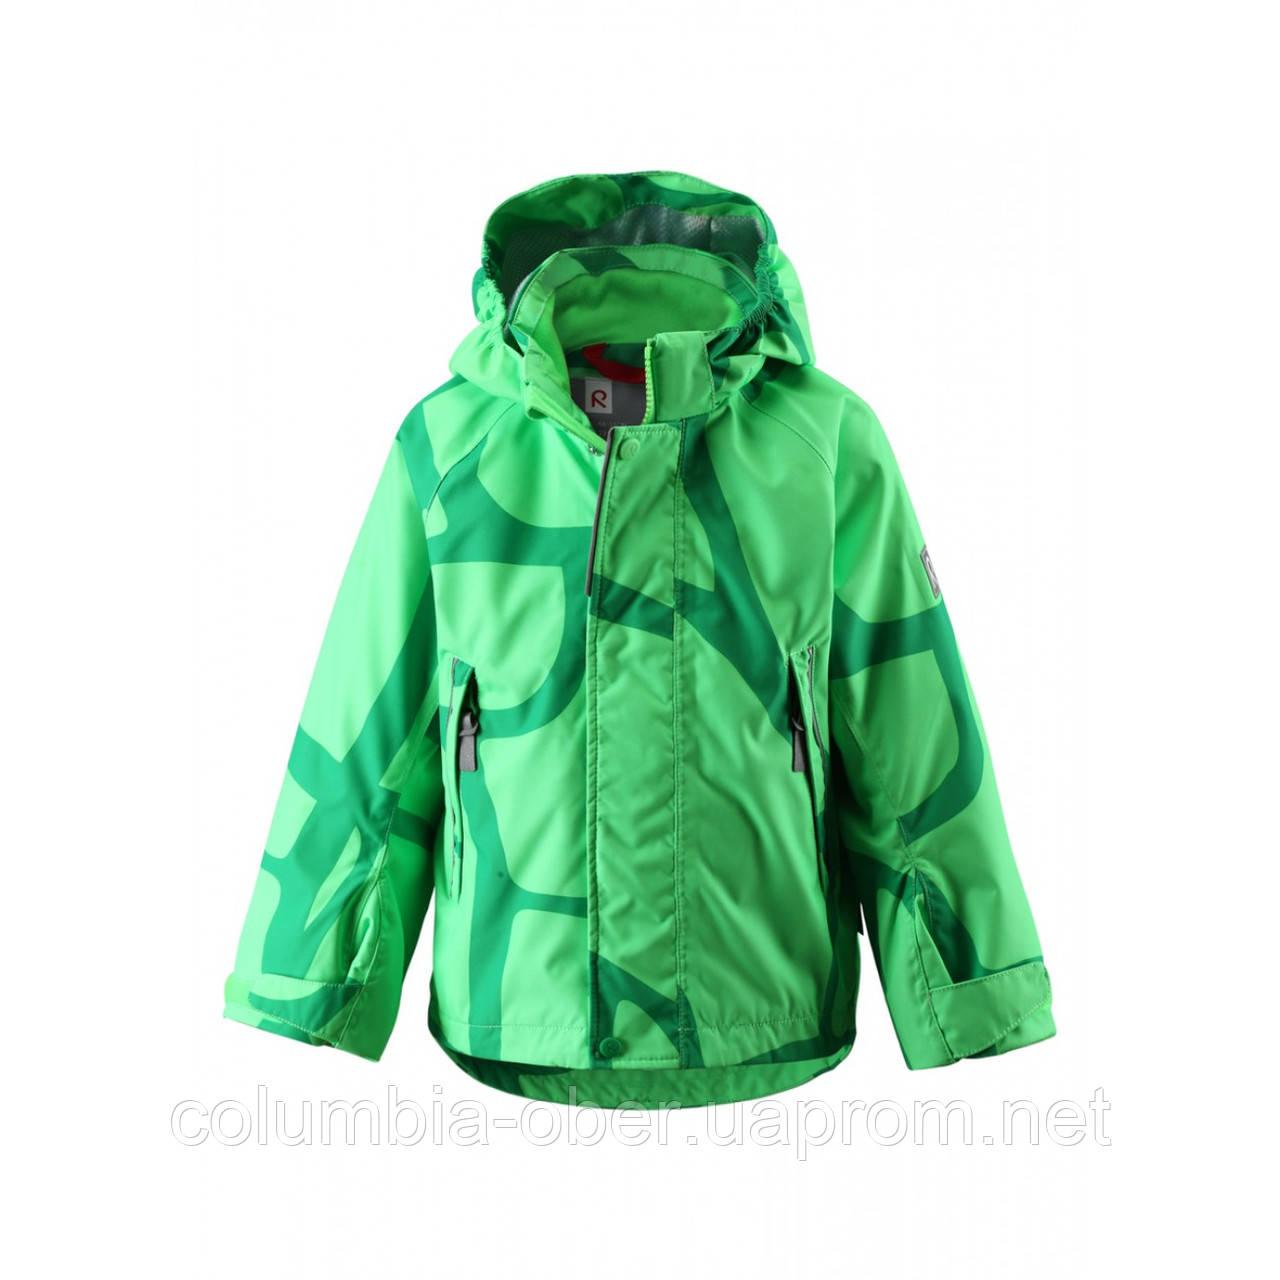 Ветровка детская для мальчика ReimaTec 521402A - 8485. Размер 98,104 и 110.